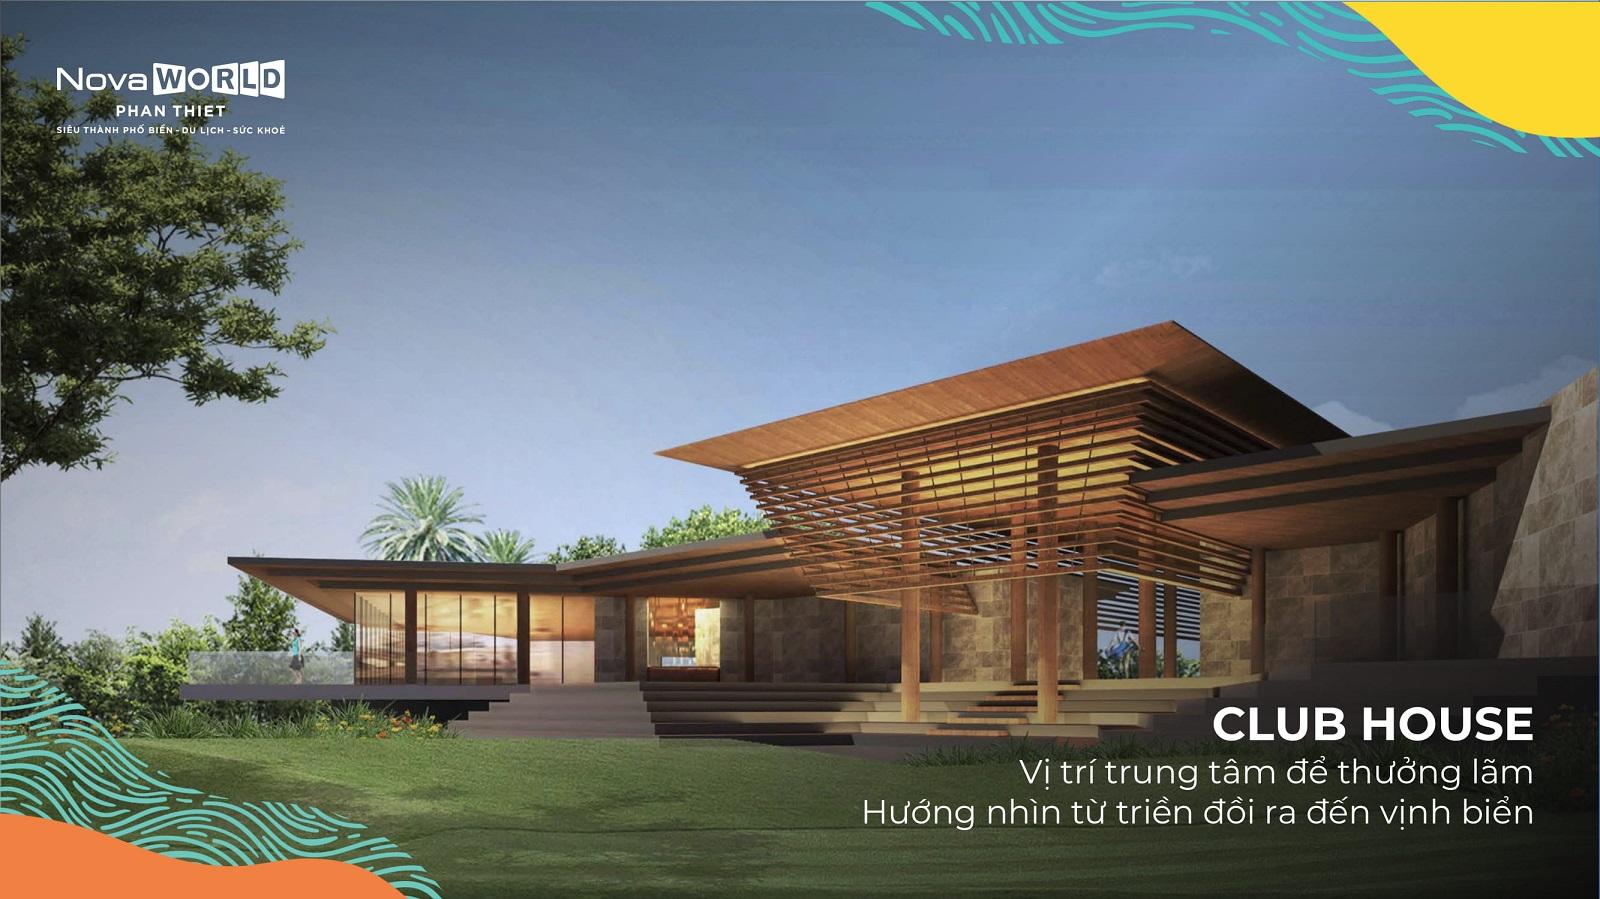 Club house tại NovaWorld Phan Thiết